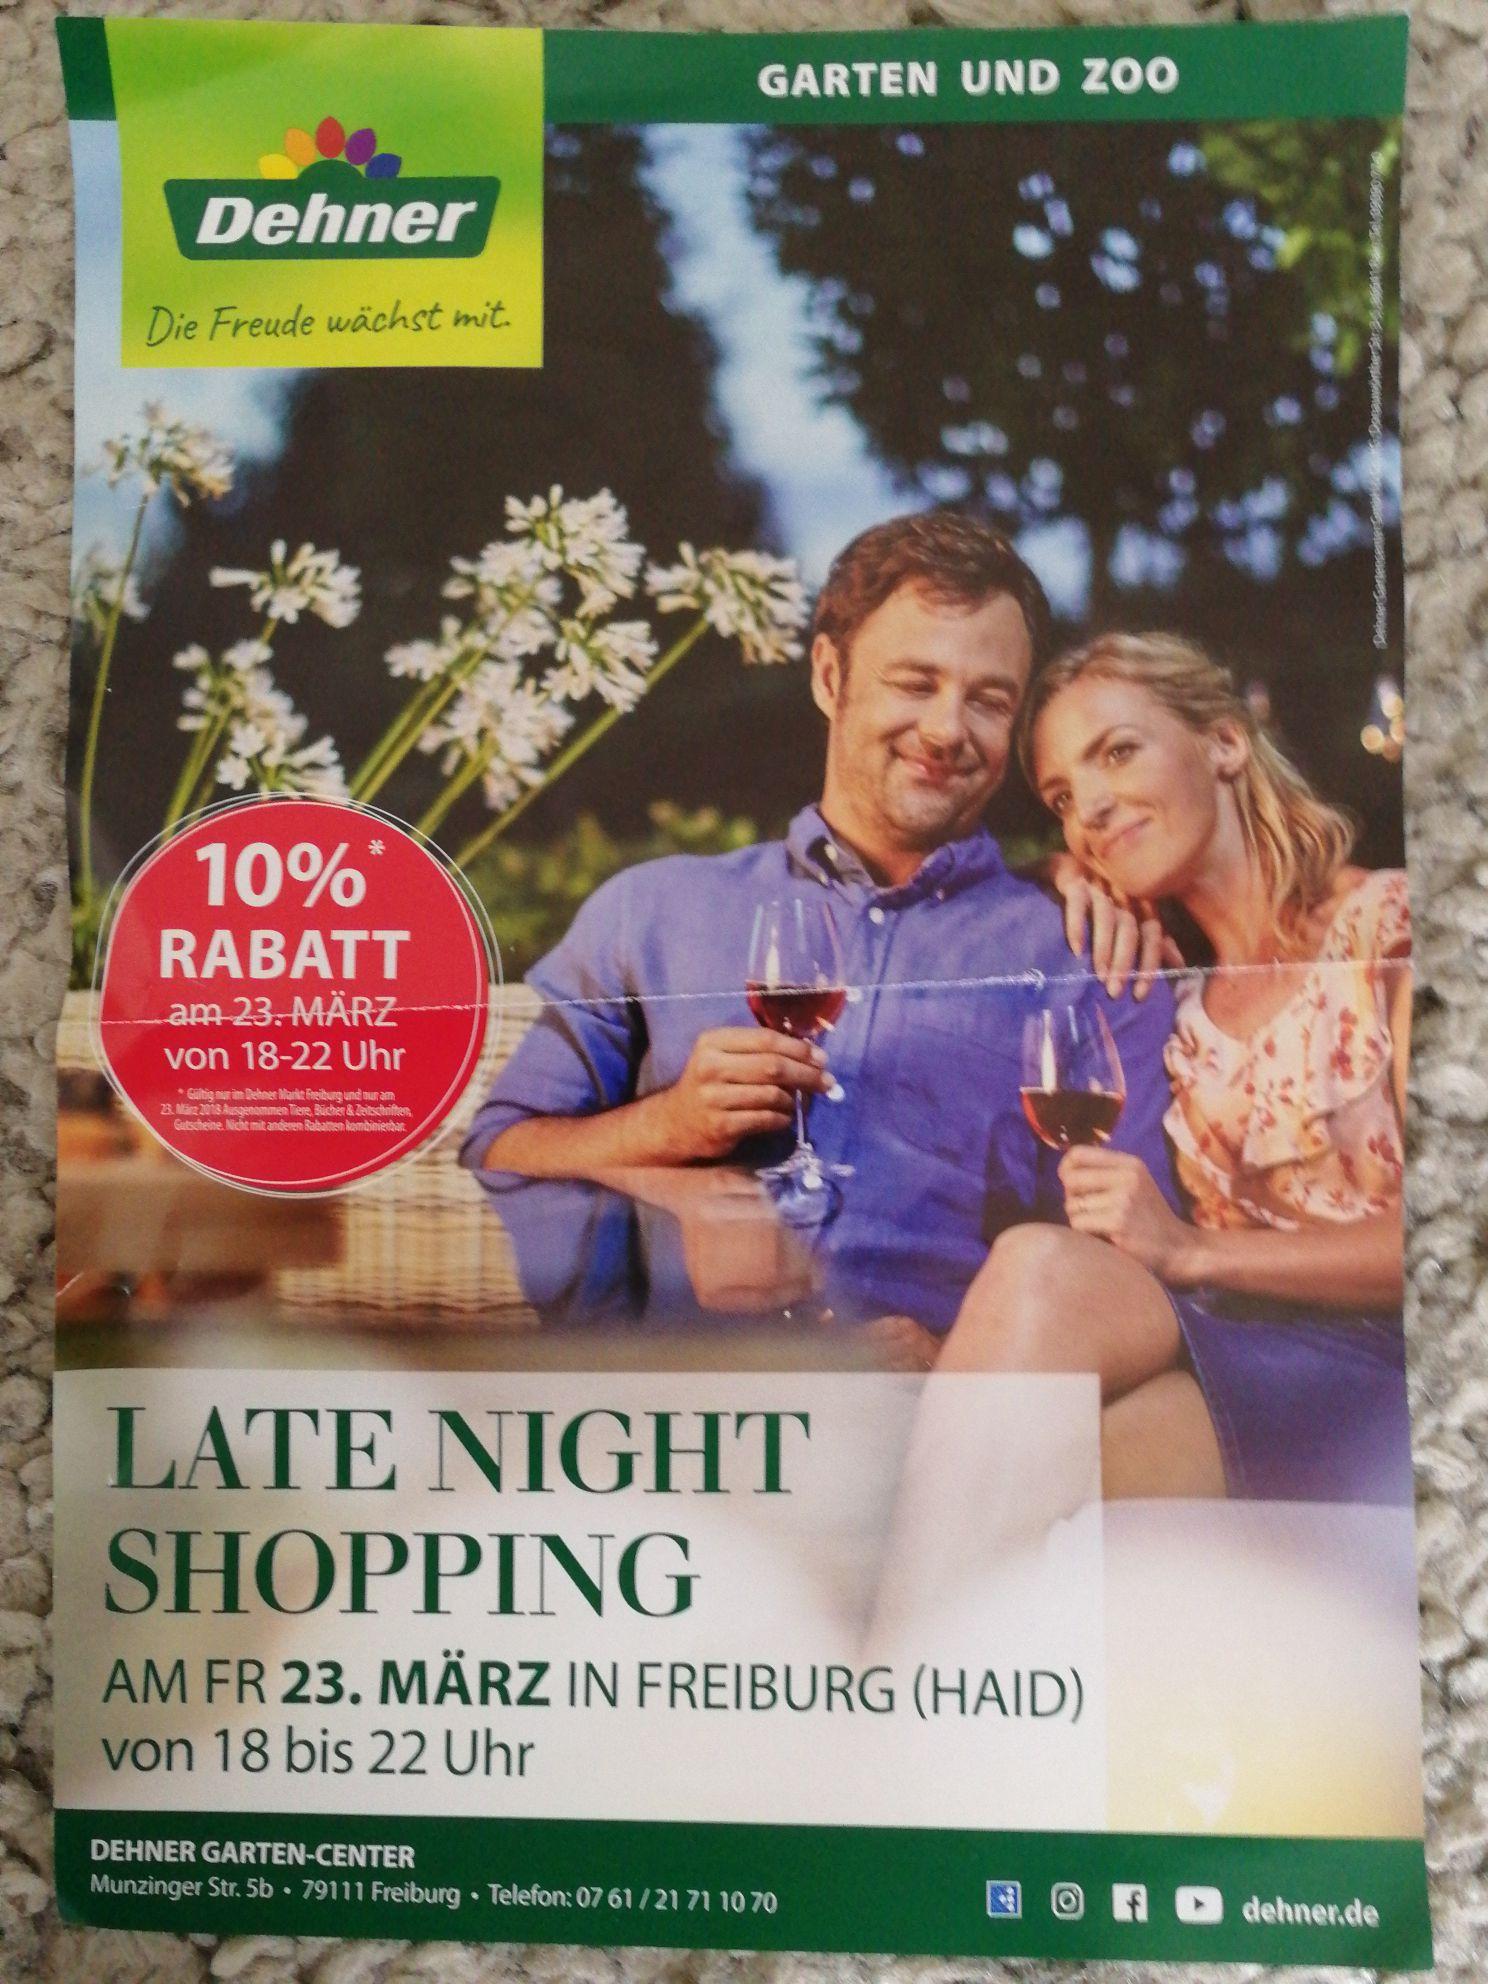 Lokal Dehner Freiburg 10% Rabatt